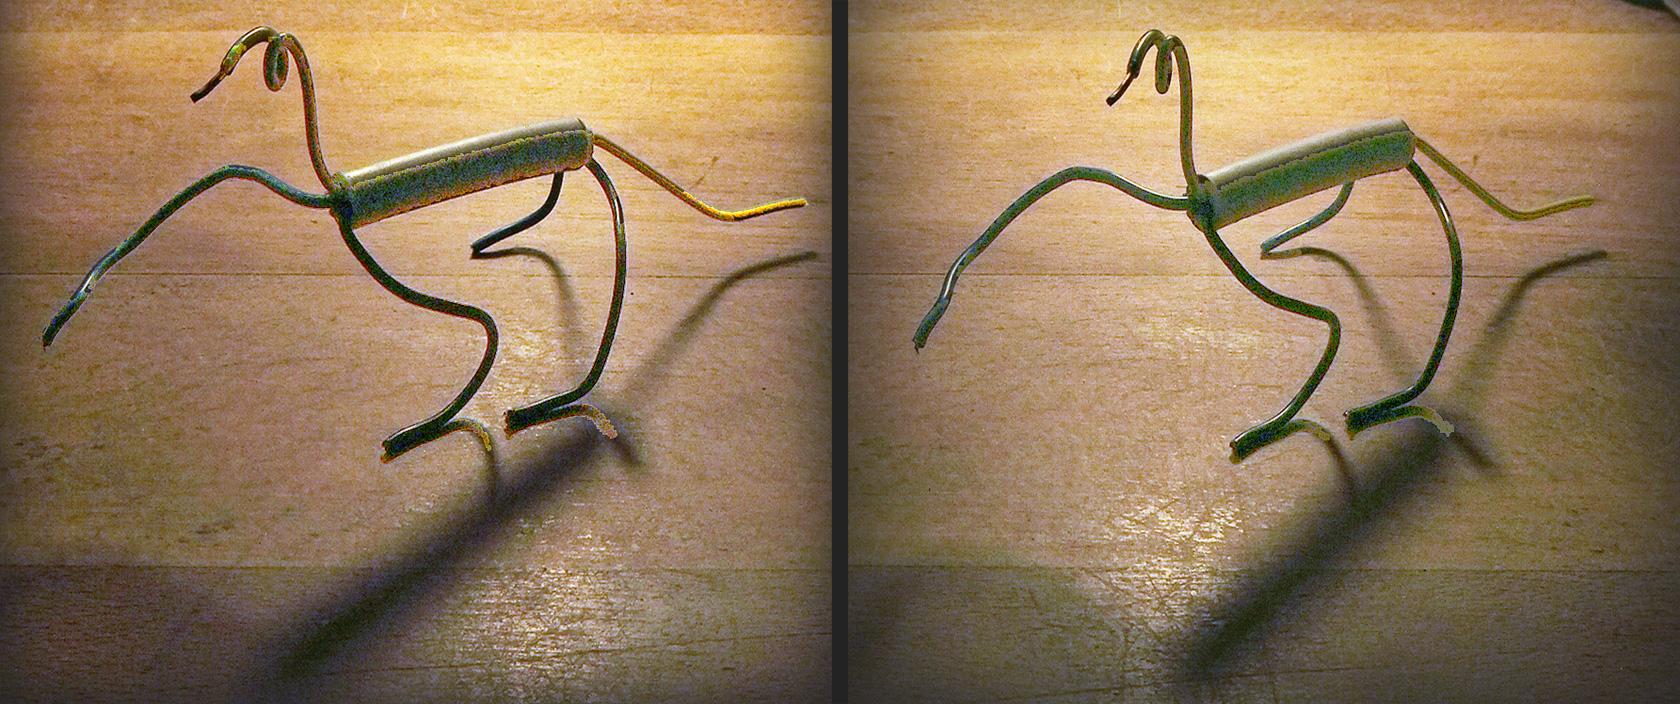 Kabel-Waran